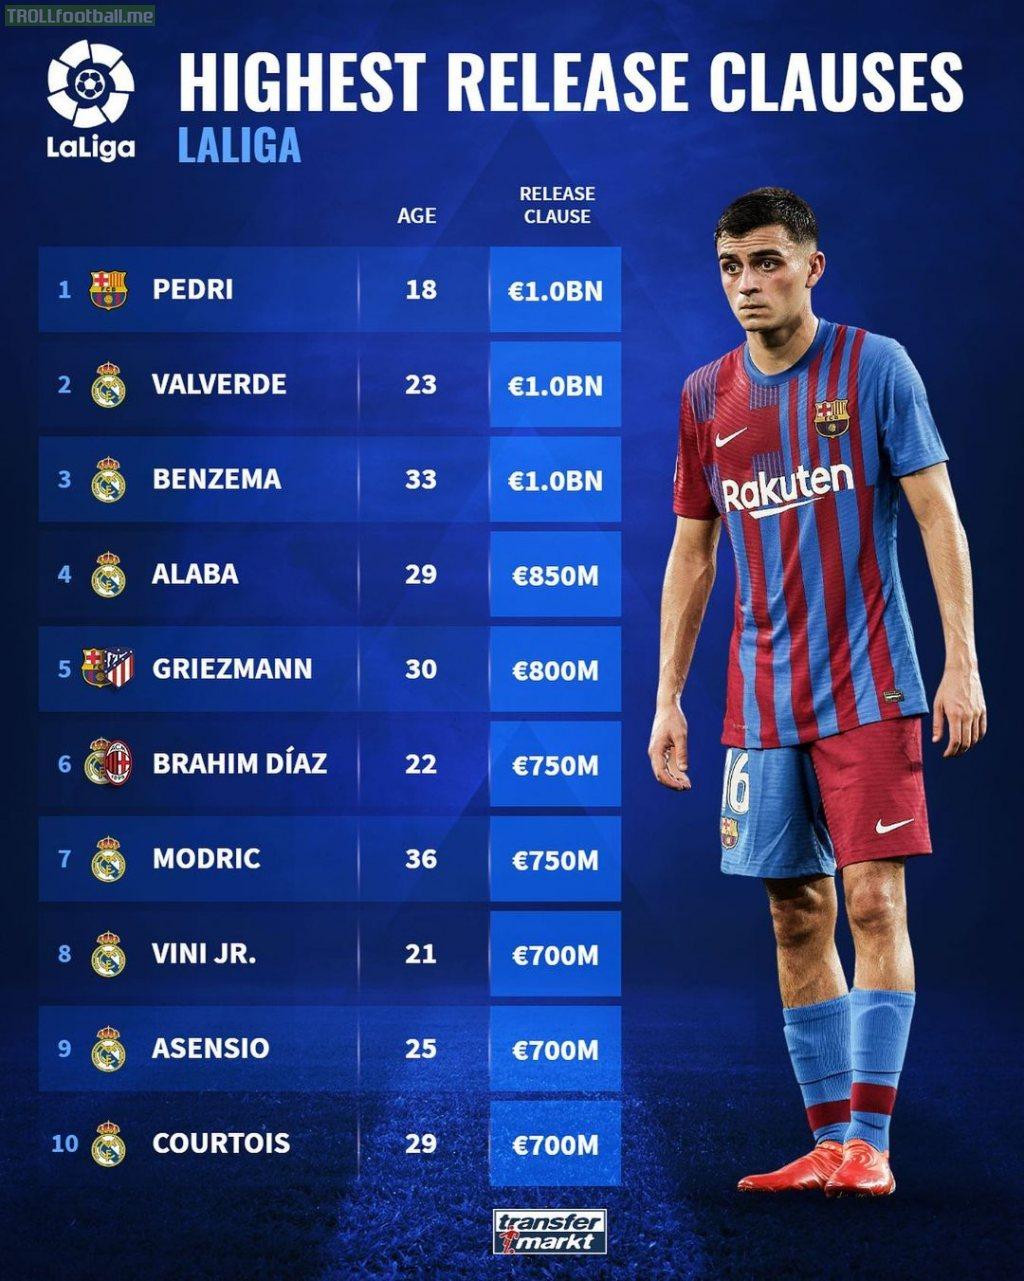 Highest Release Clauses in La Liga